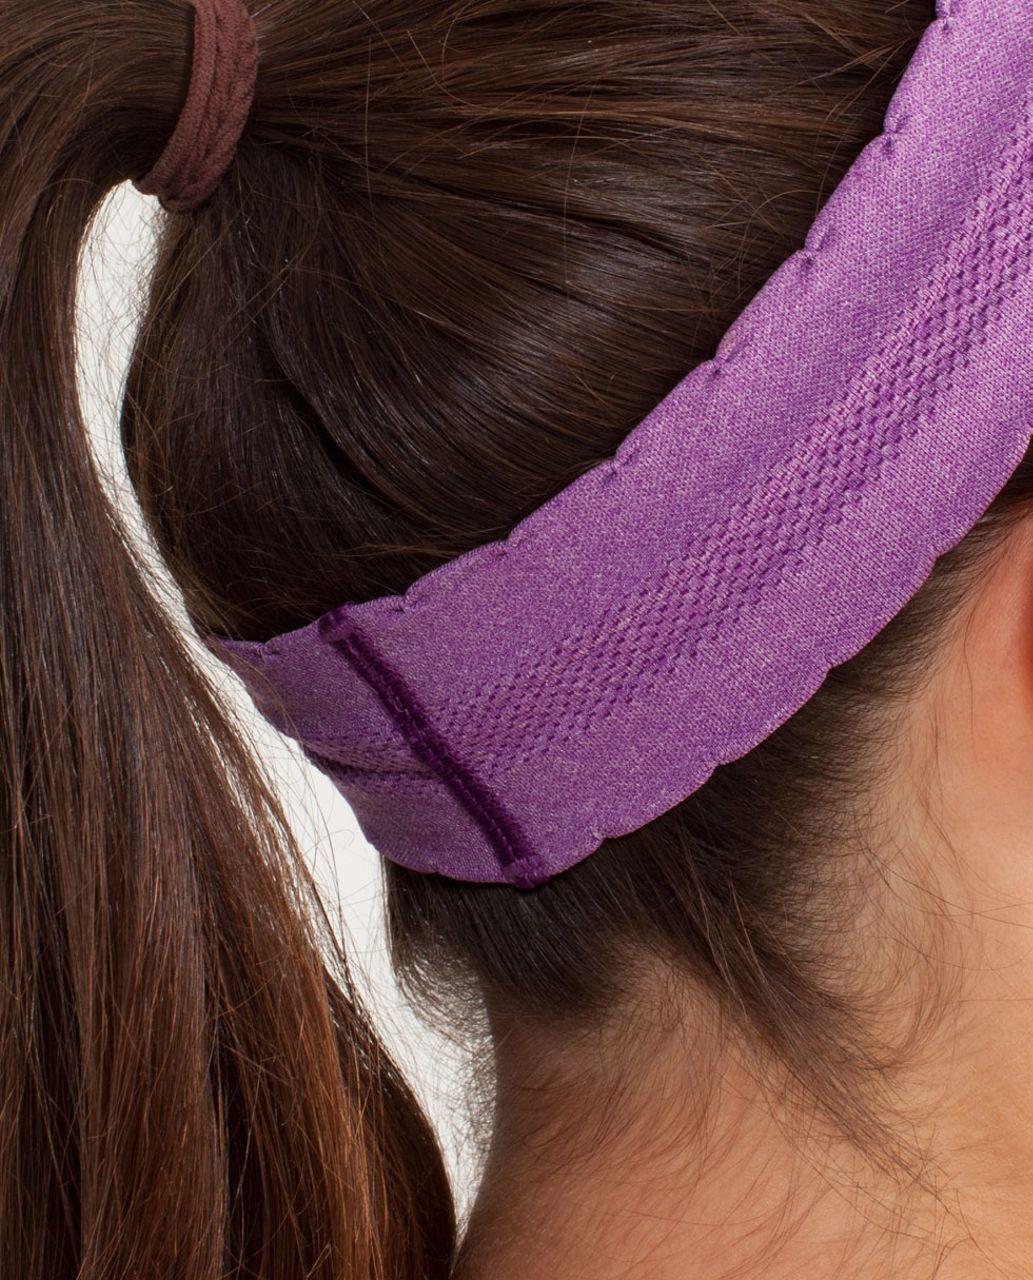 Lululemon Swiftly Headband - Tender Violet